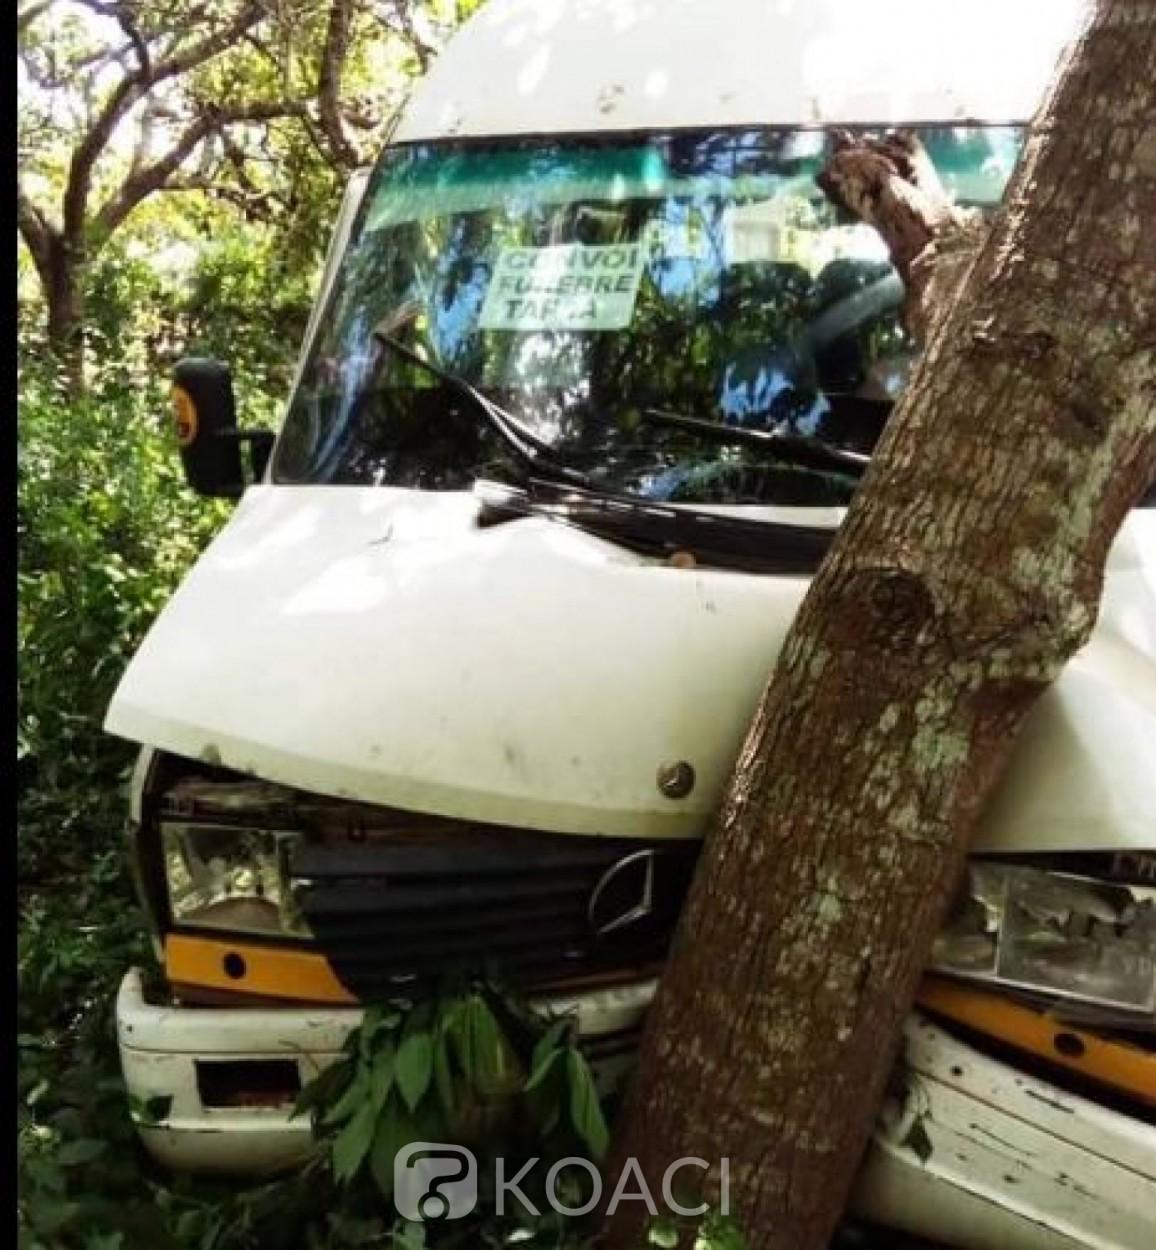 Côte d'Ivoire : Un véhicule Massa finit sa course dans un ravin, un décès